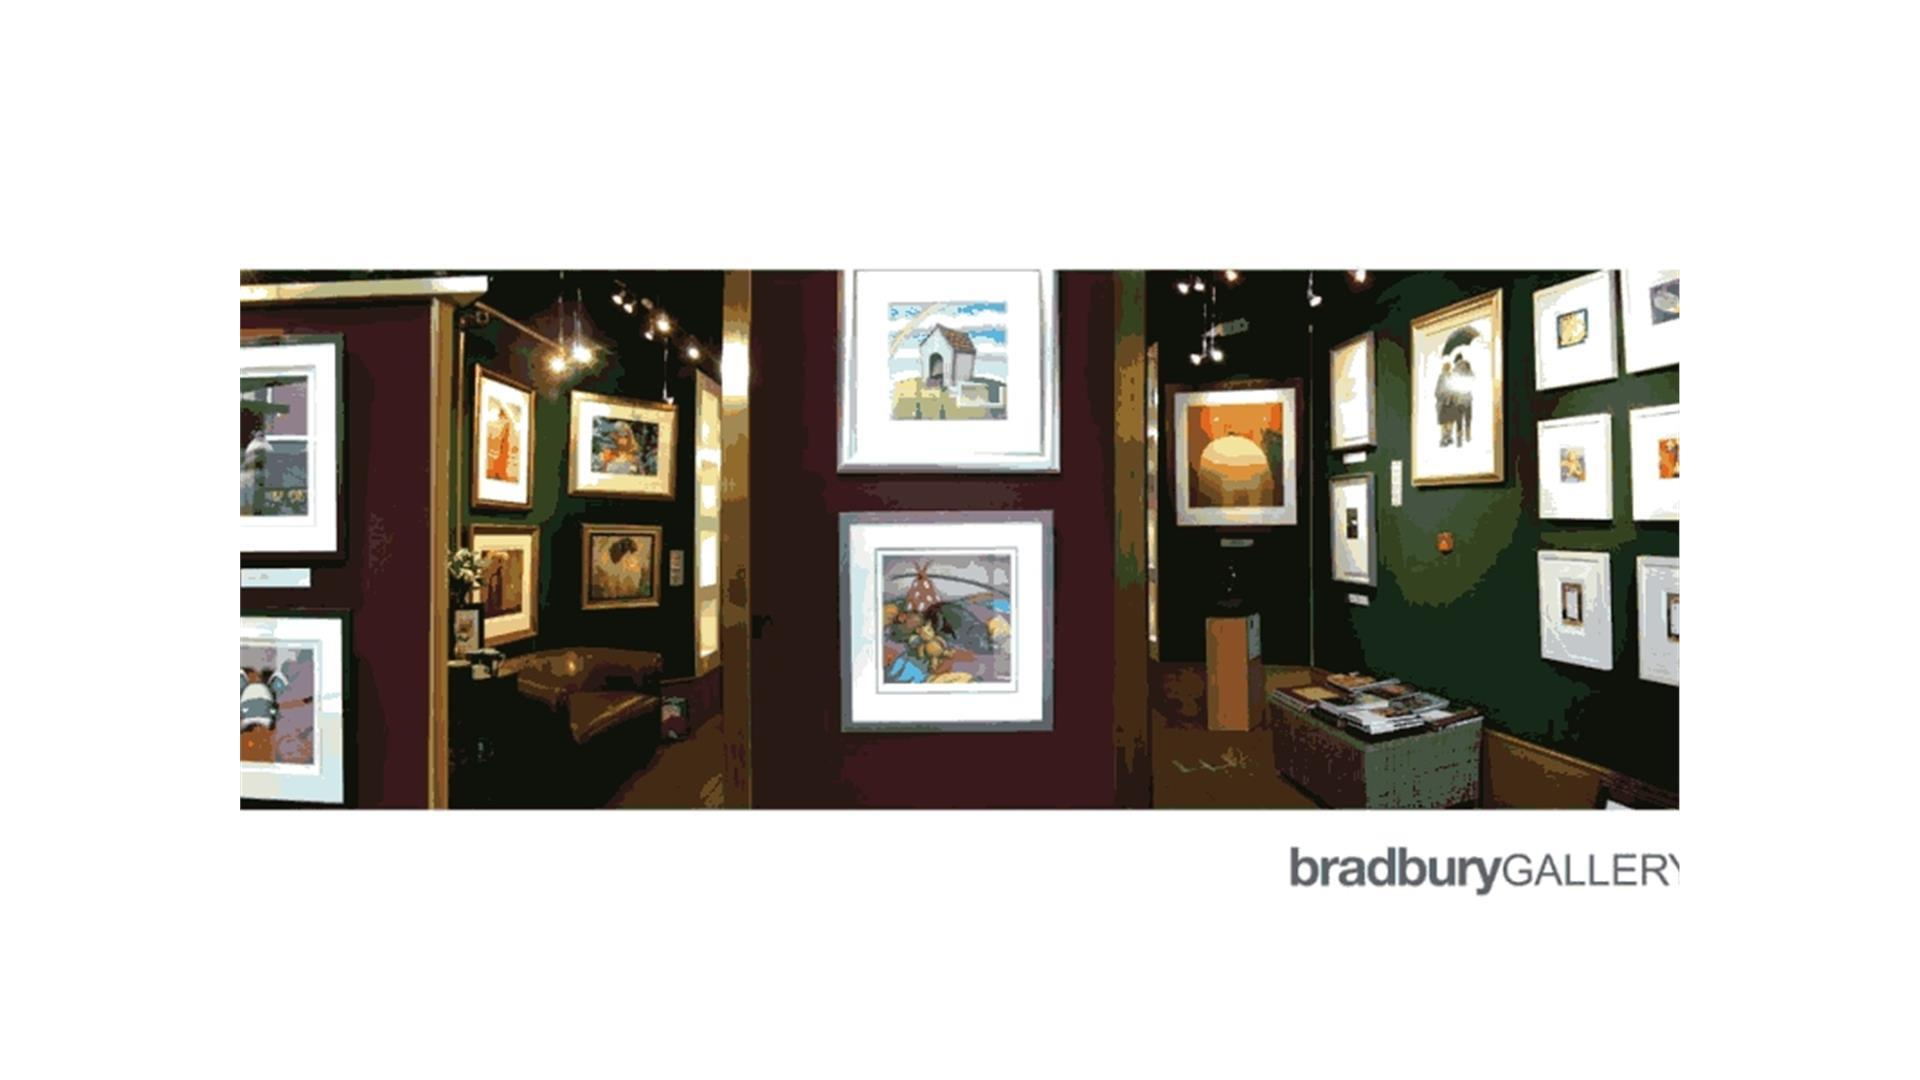 Bradbury Gallery